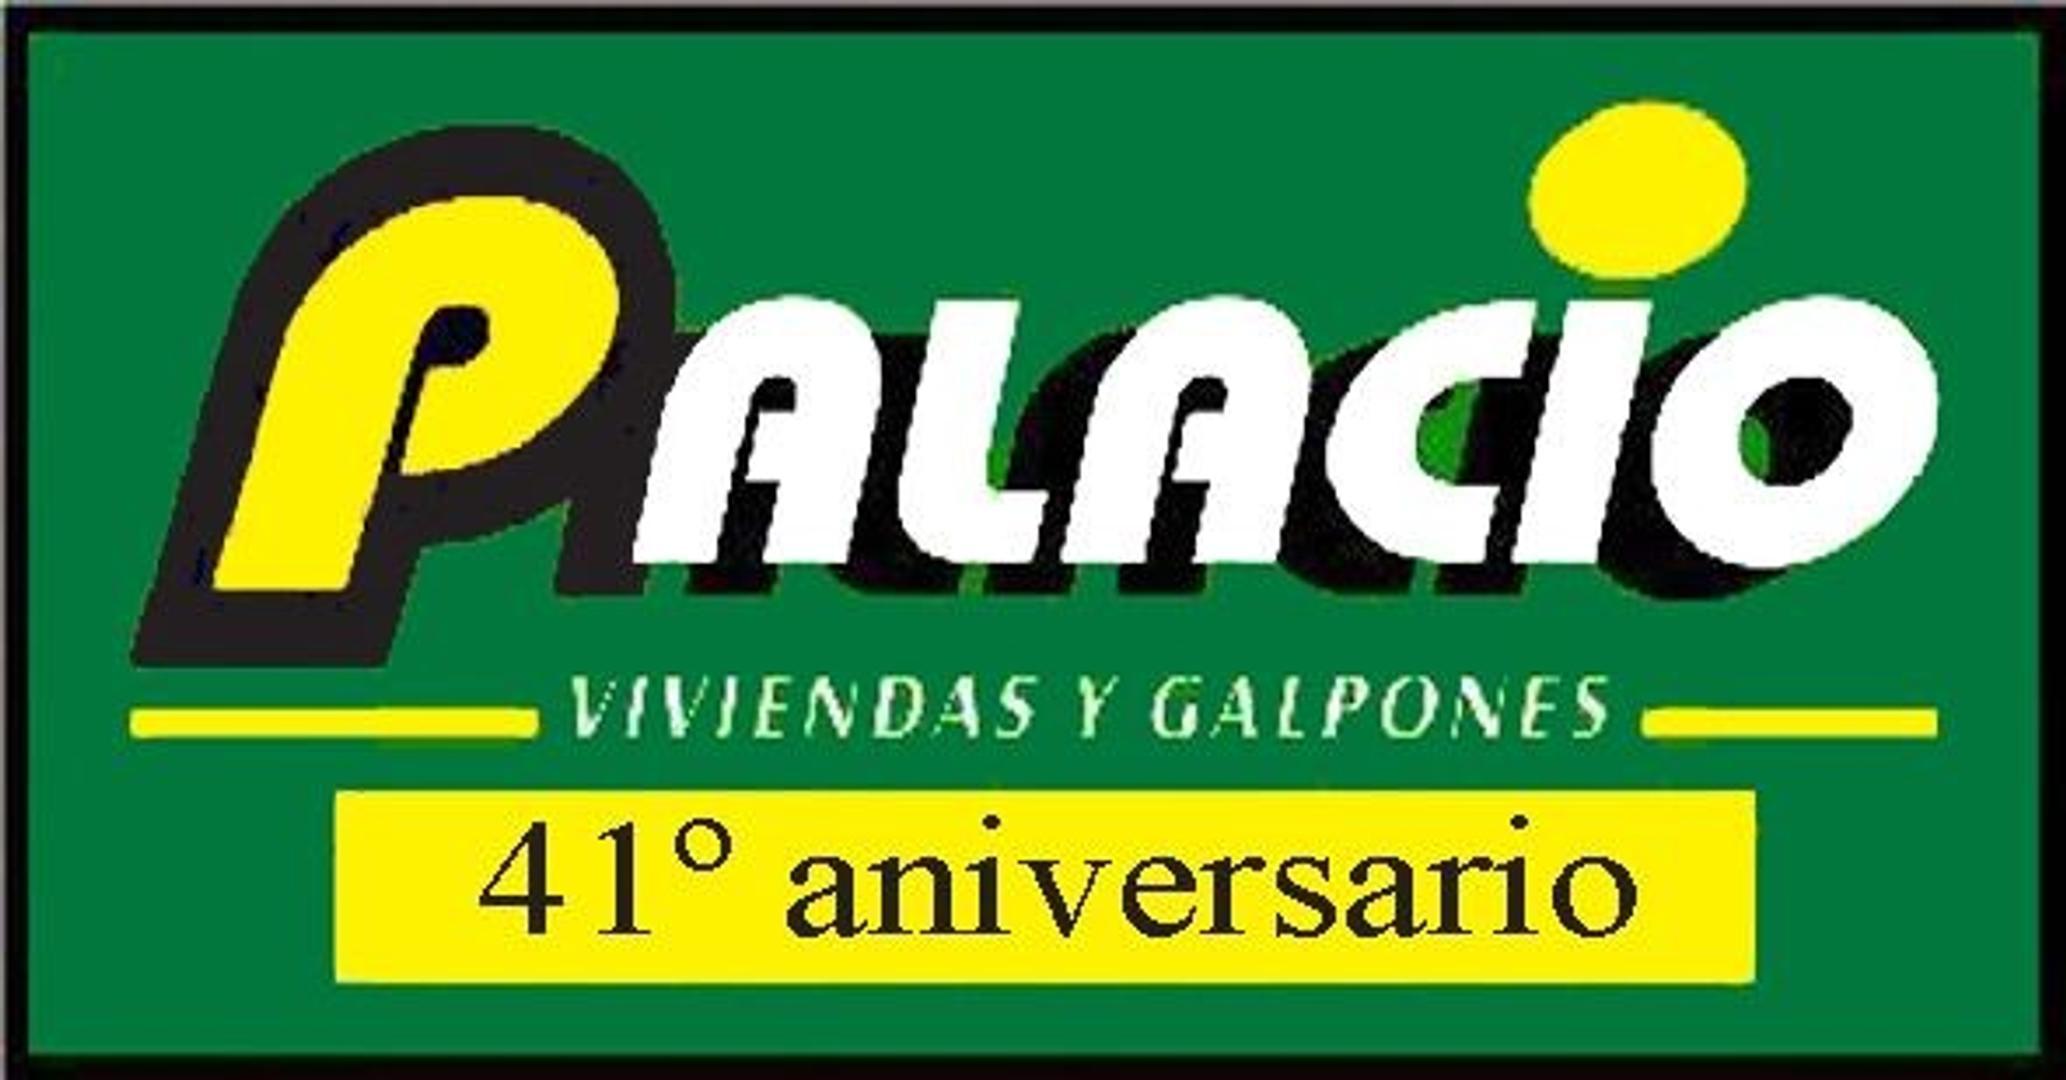 CASA 3 AMB. 2 DORMITORIOS, LIVING, COCINA, PATIO. POSIBILIDAD DE GALPÓN.